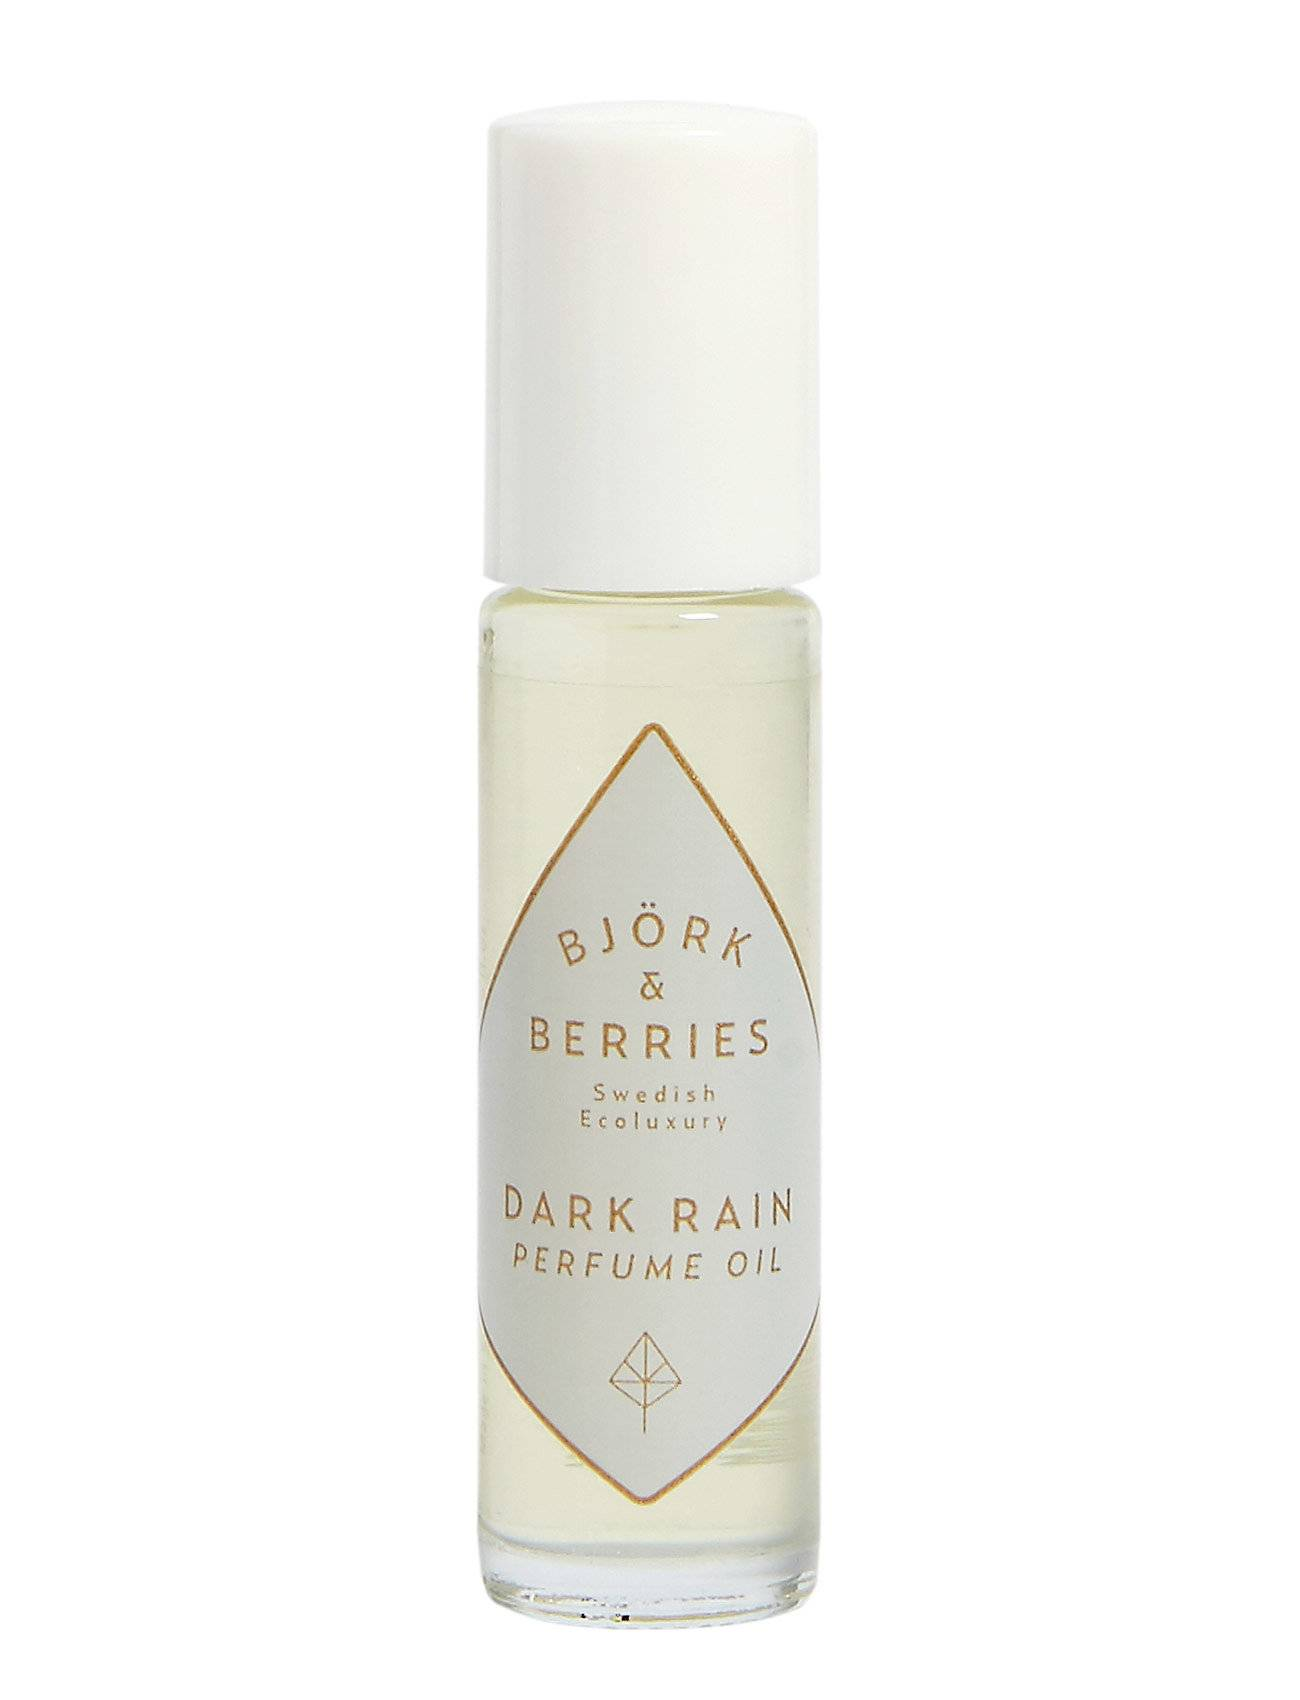 Björk & Berries Dark Rain Perfume Oil